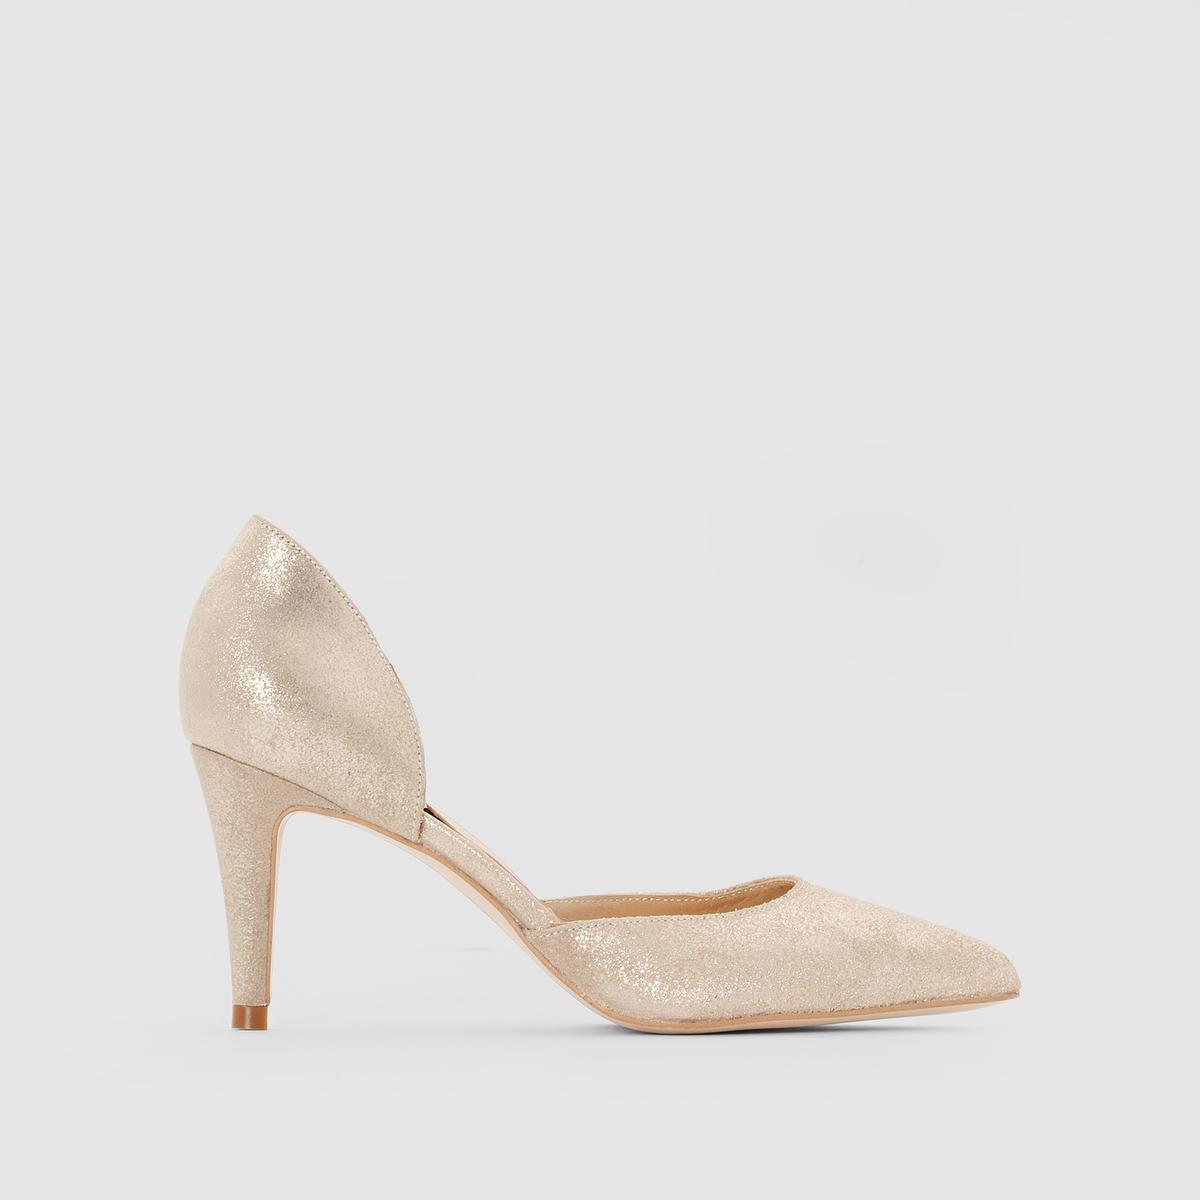 Туфли кожаные на каблуке, ADNETПодкладка: кожа.    Стелька: кожа.       Подошва: эластомер.       Форма каблука: шпилька.Мысок: острый.Застежка: без застежки.<br><br>Цвет: Платиновый<br>Размер: 37